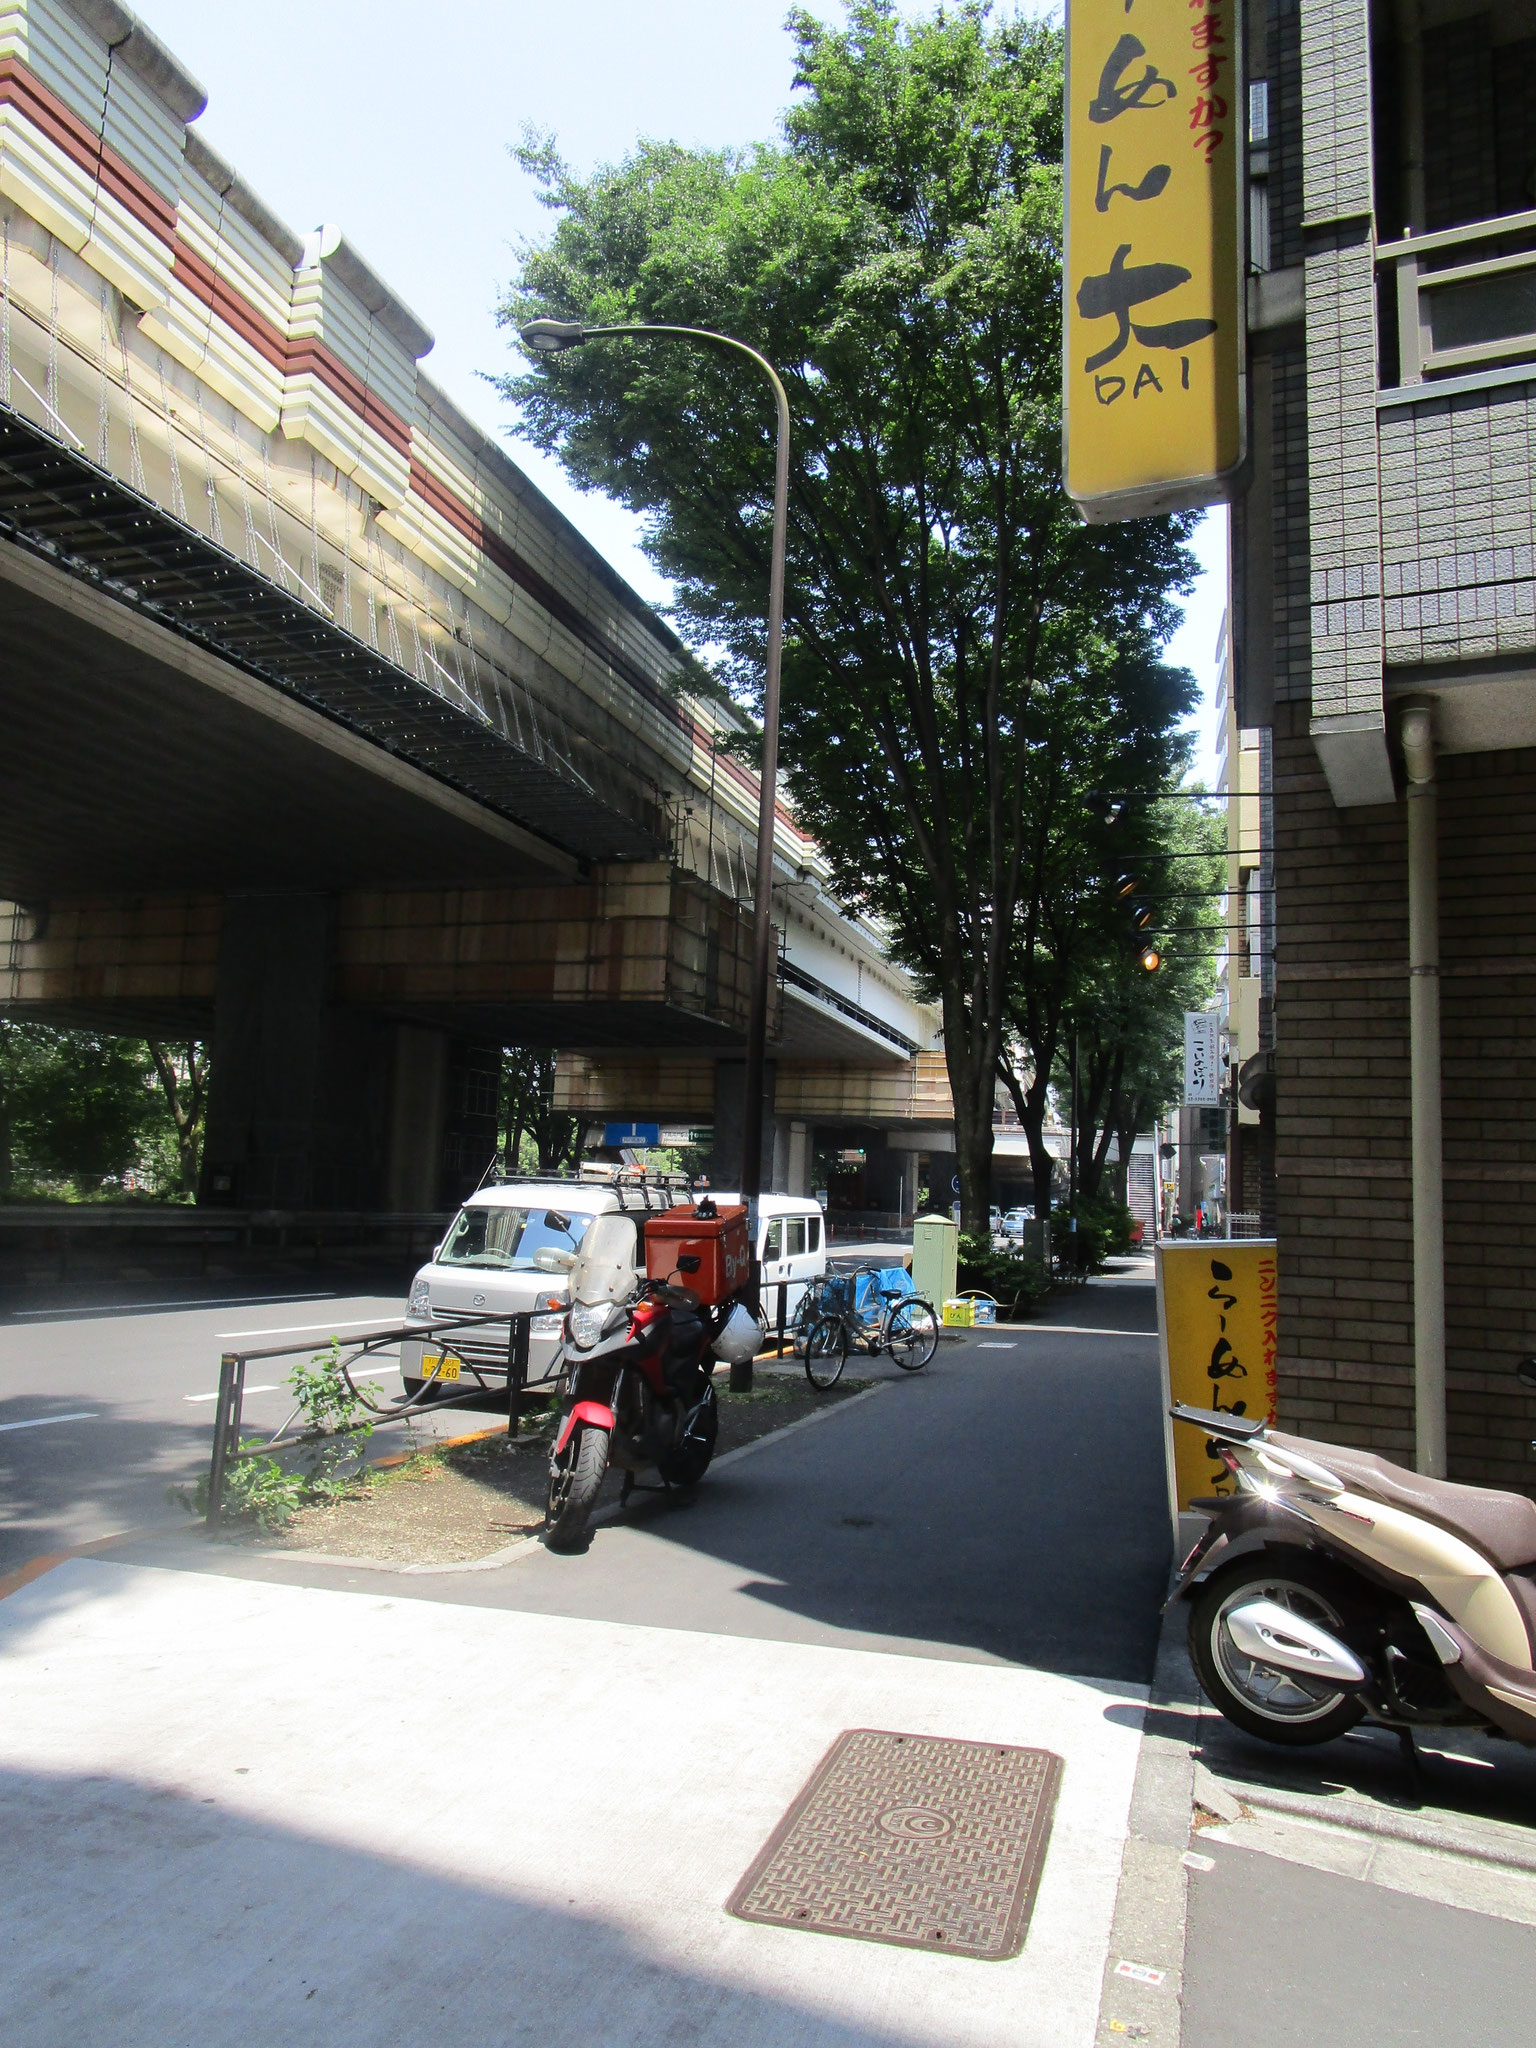 マンション前の道を北に行くとすぐ甲州街道に出ます(上は高速4号新宿線)